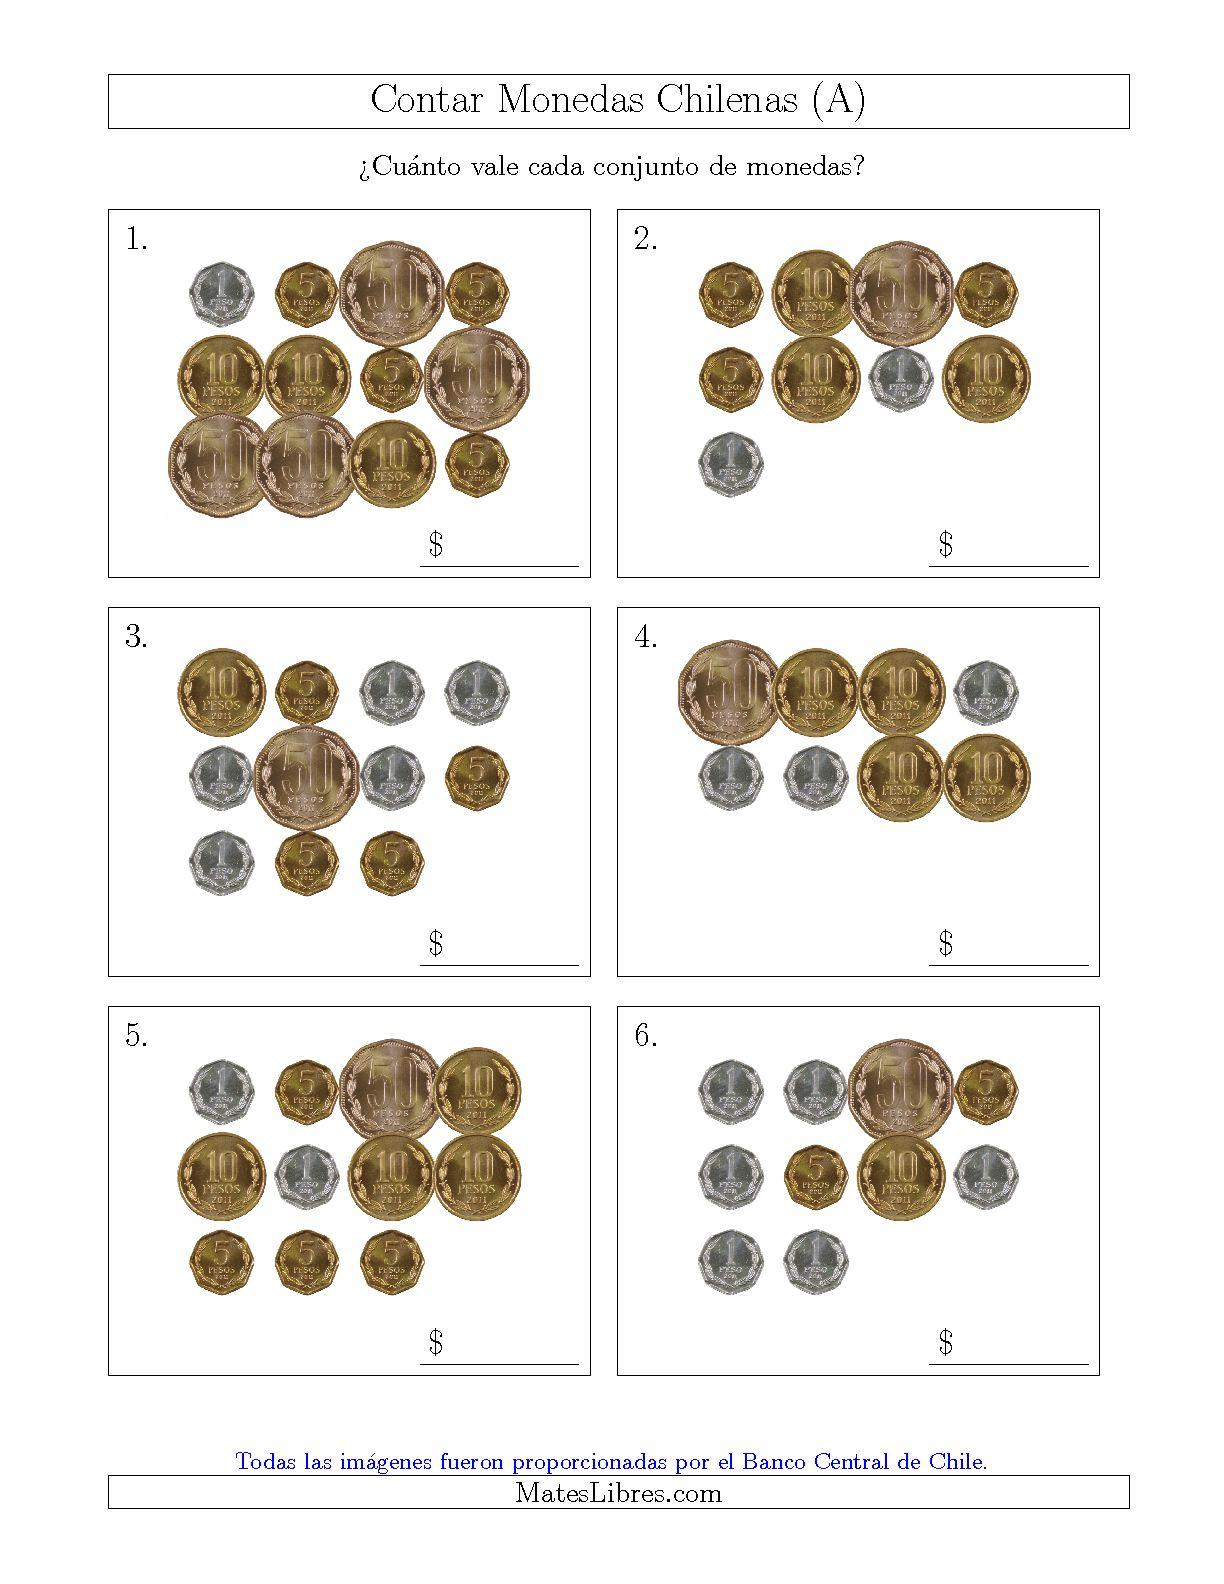 contar colecciones grandes de monedas chilenas sin monedas